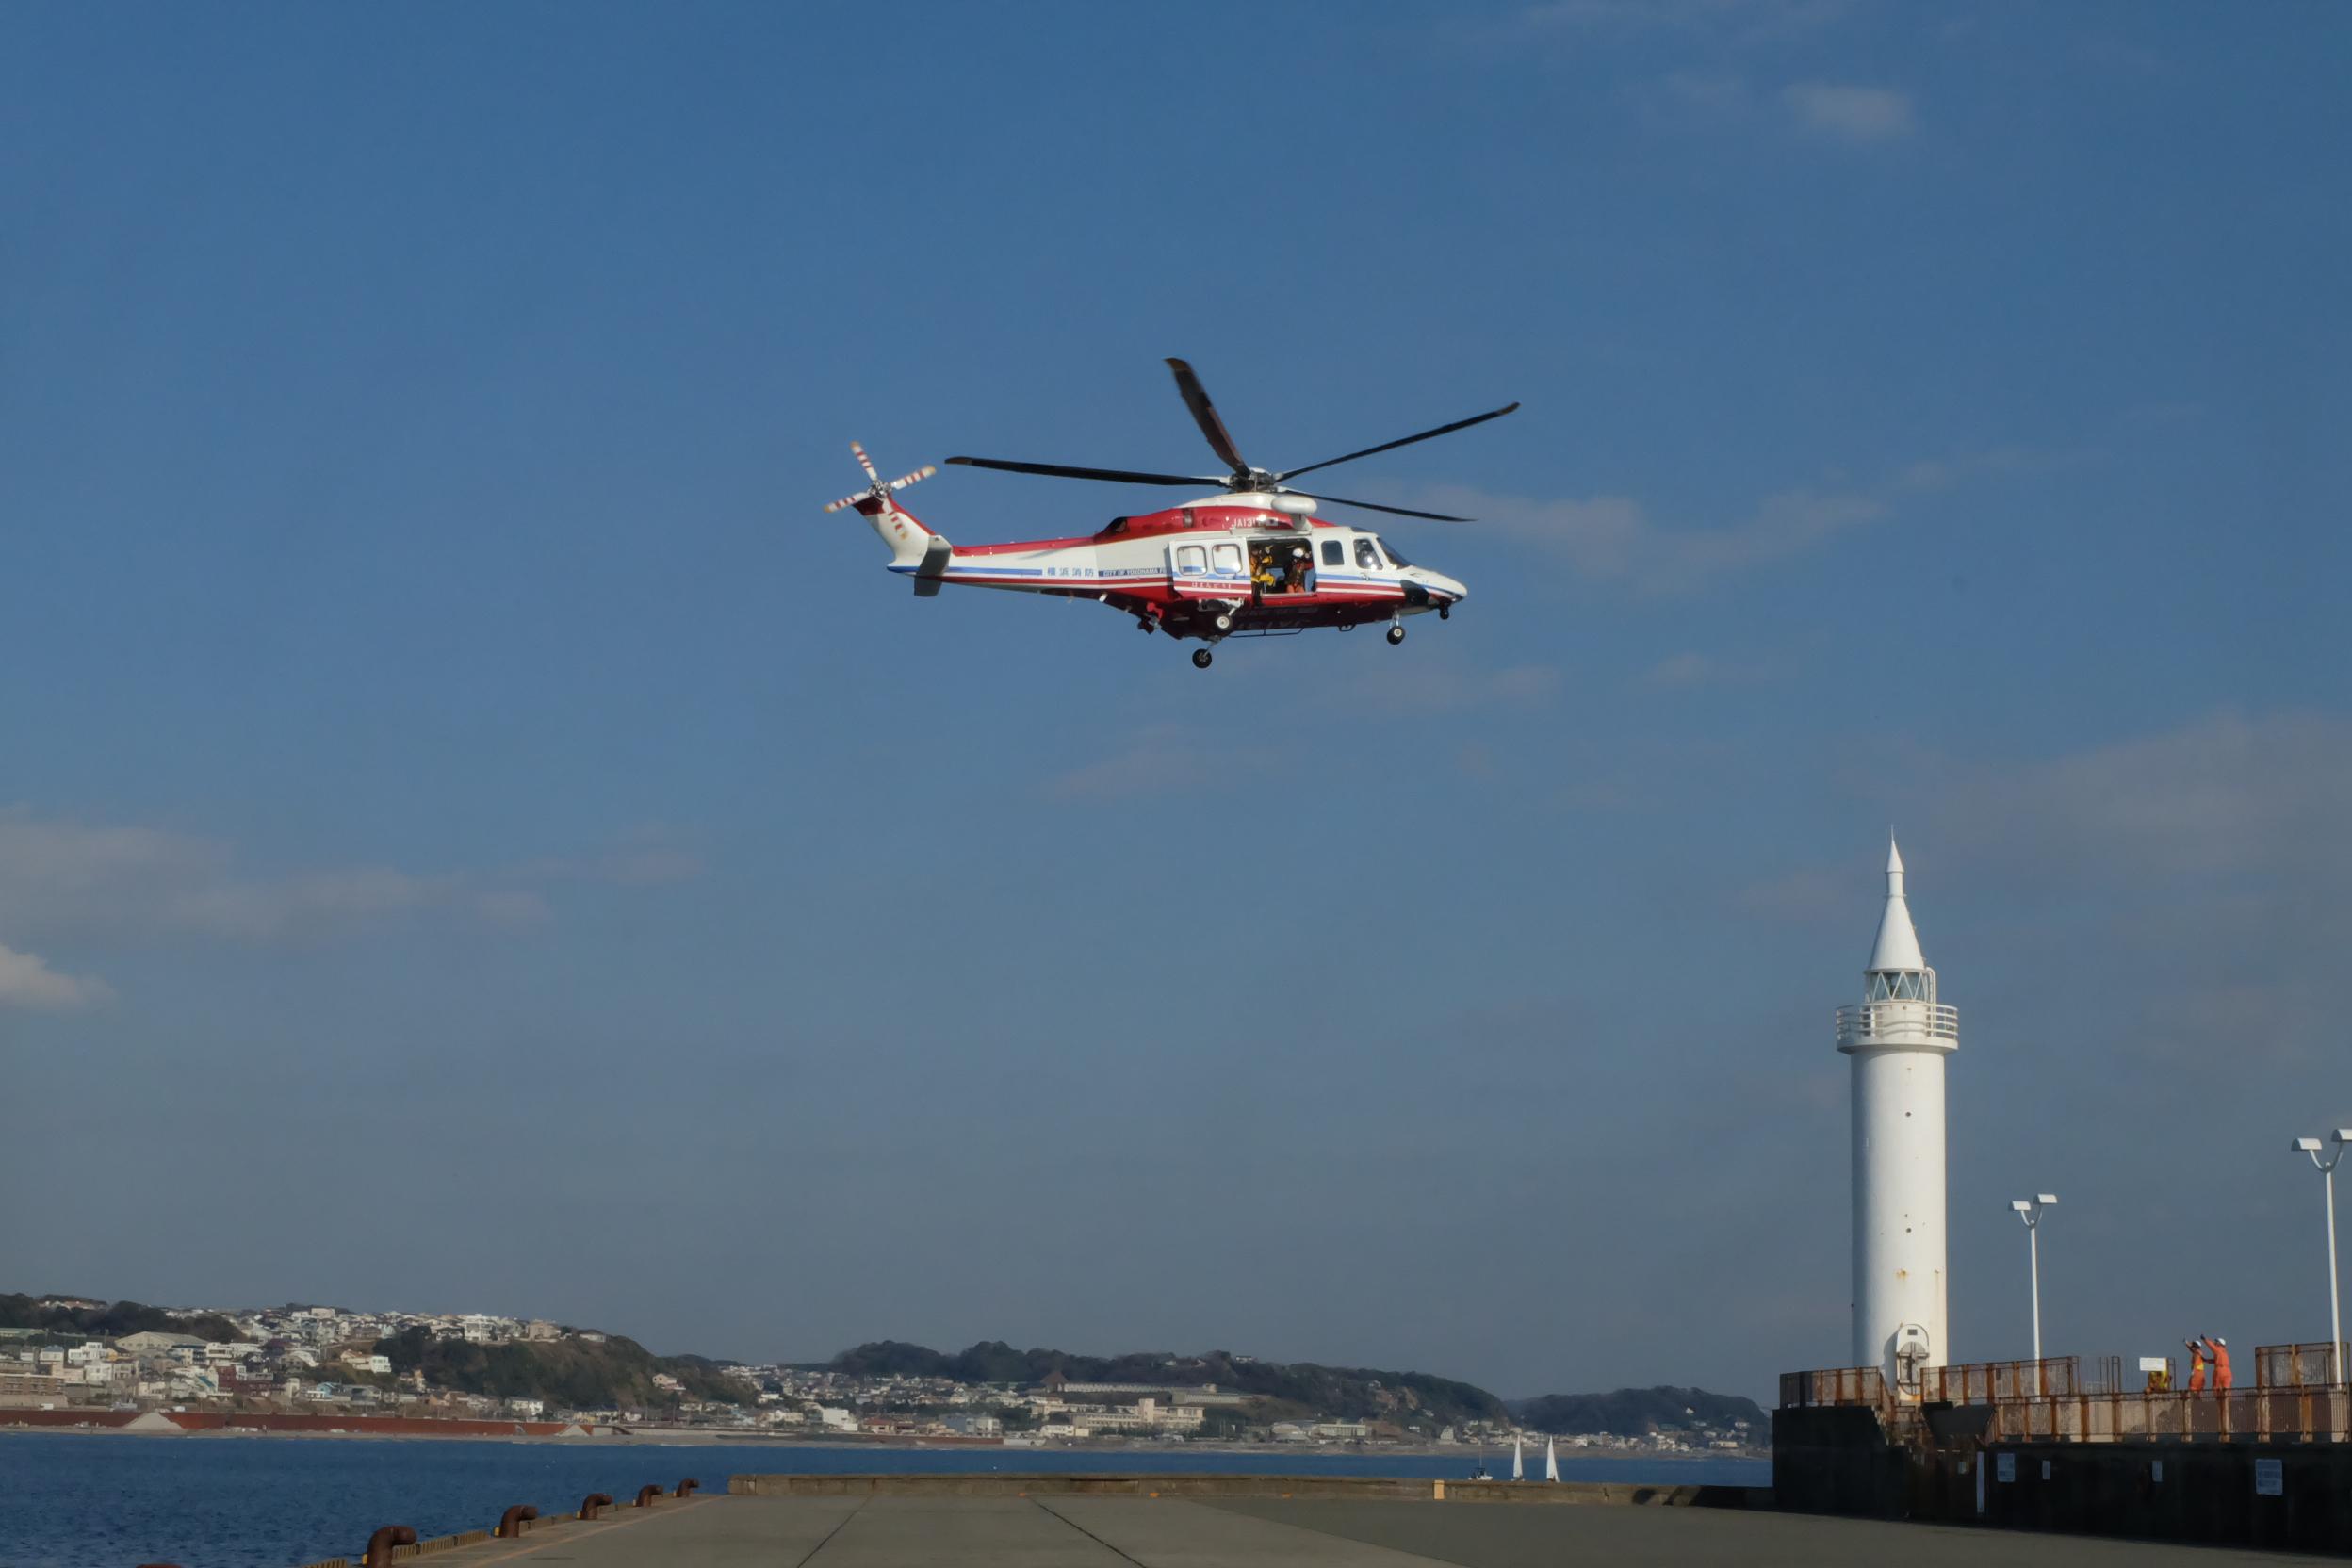 航空救助訓練